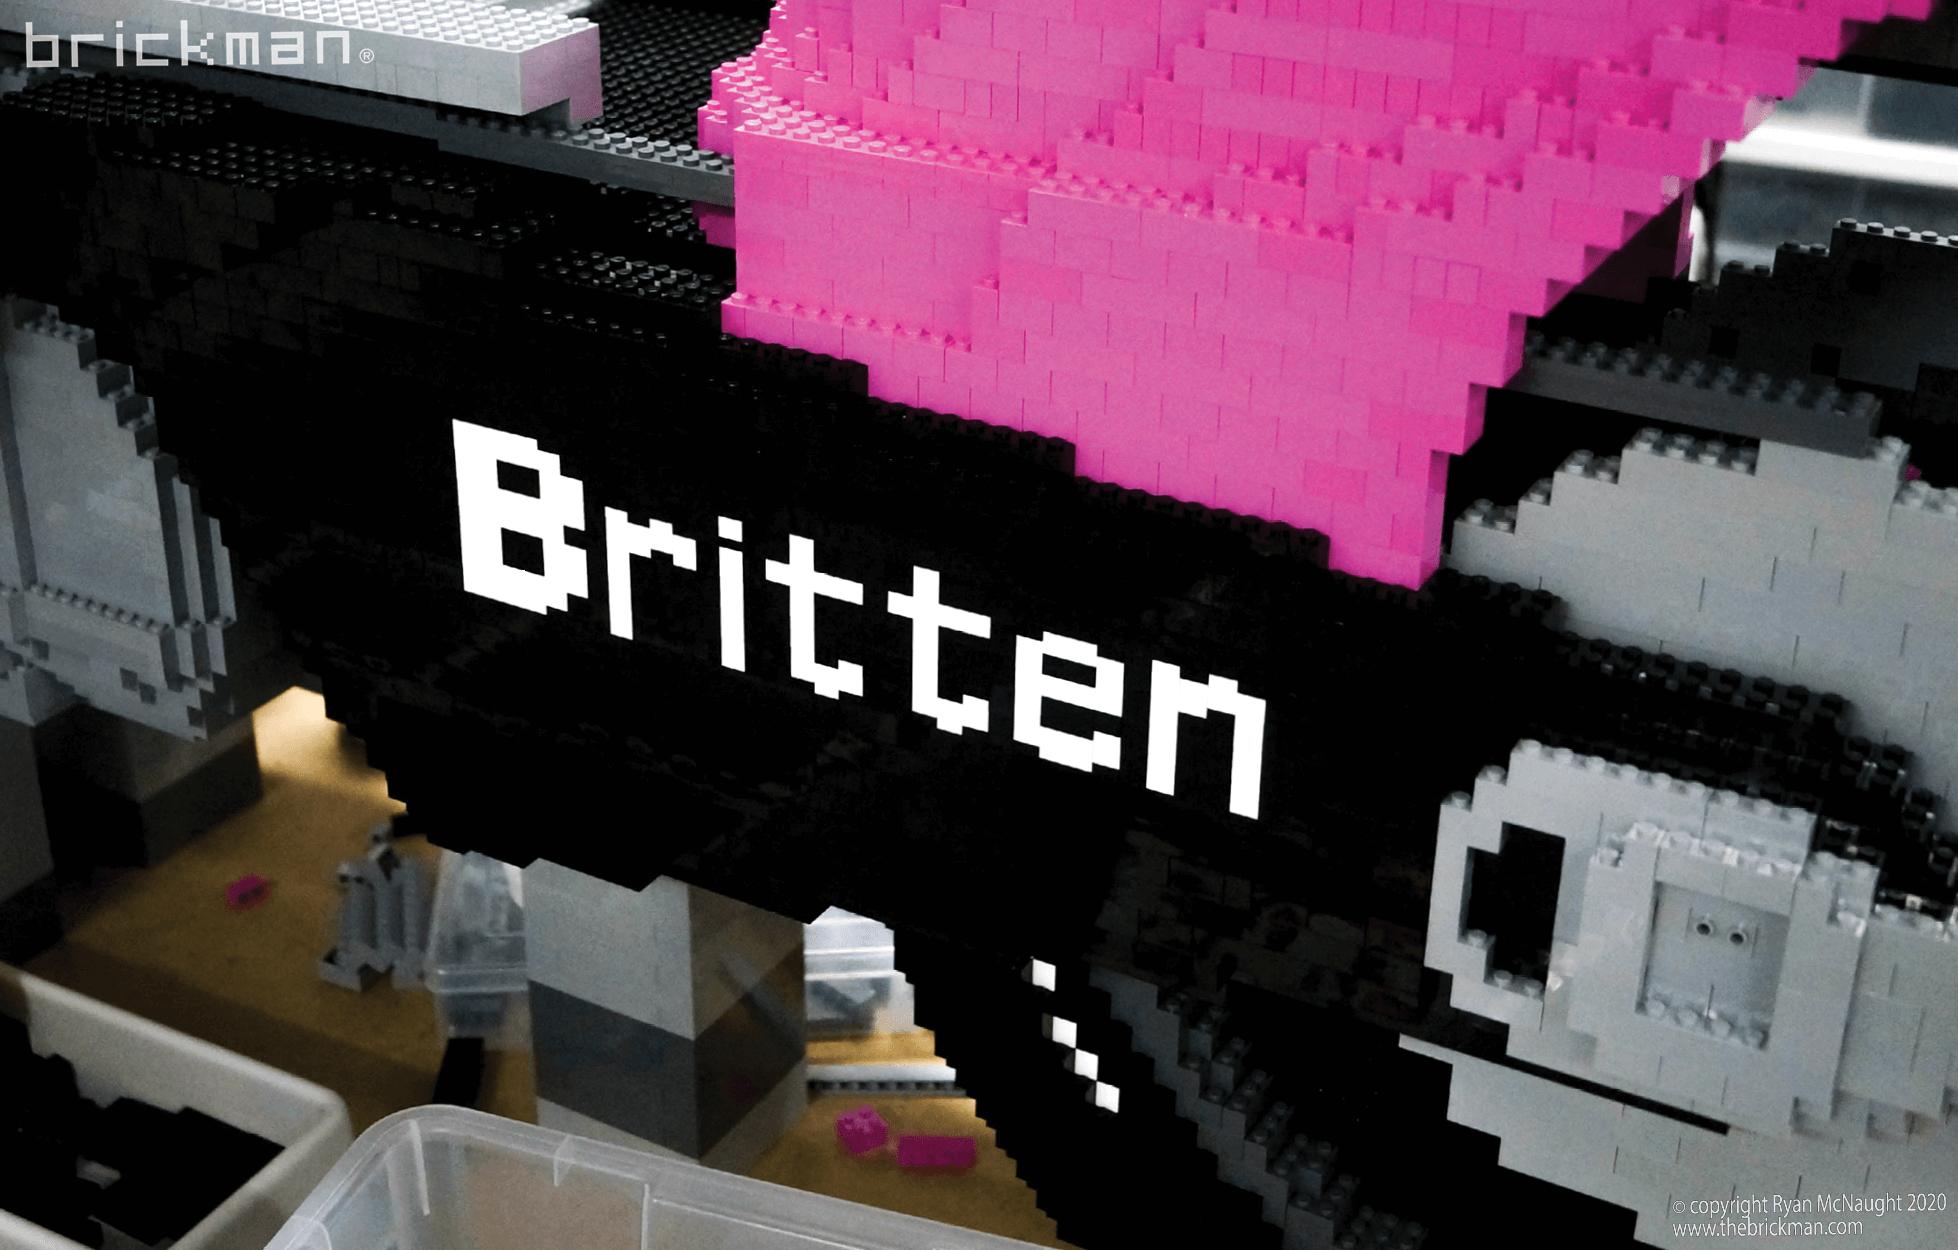 LEGO Britten logo